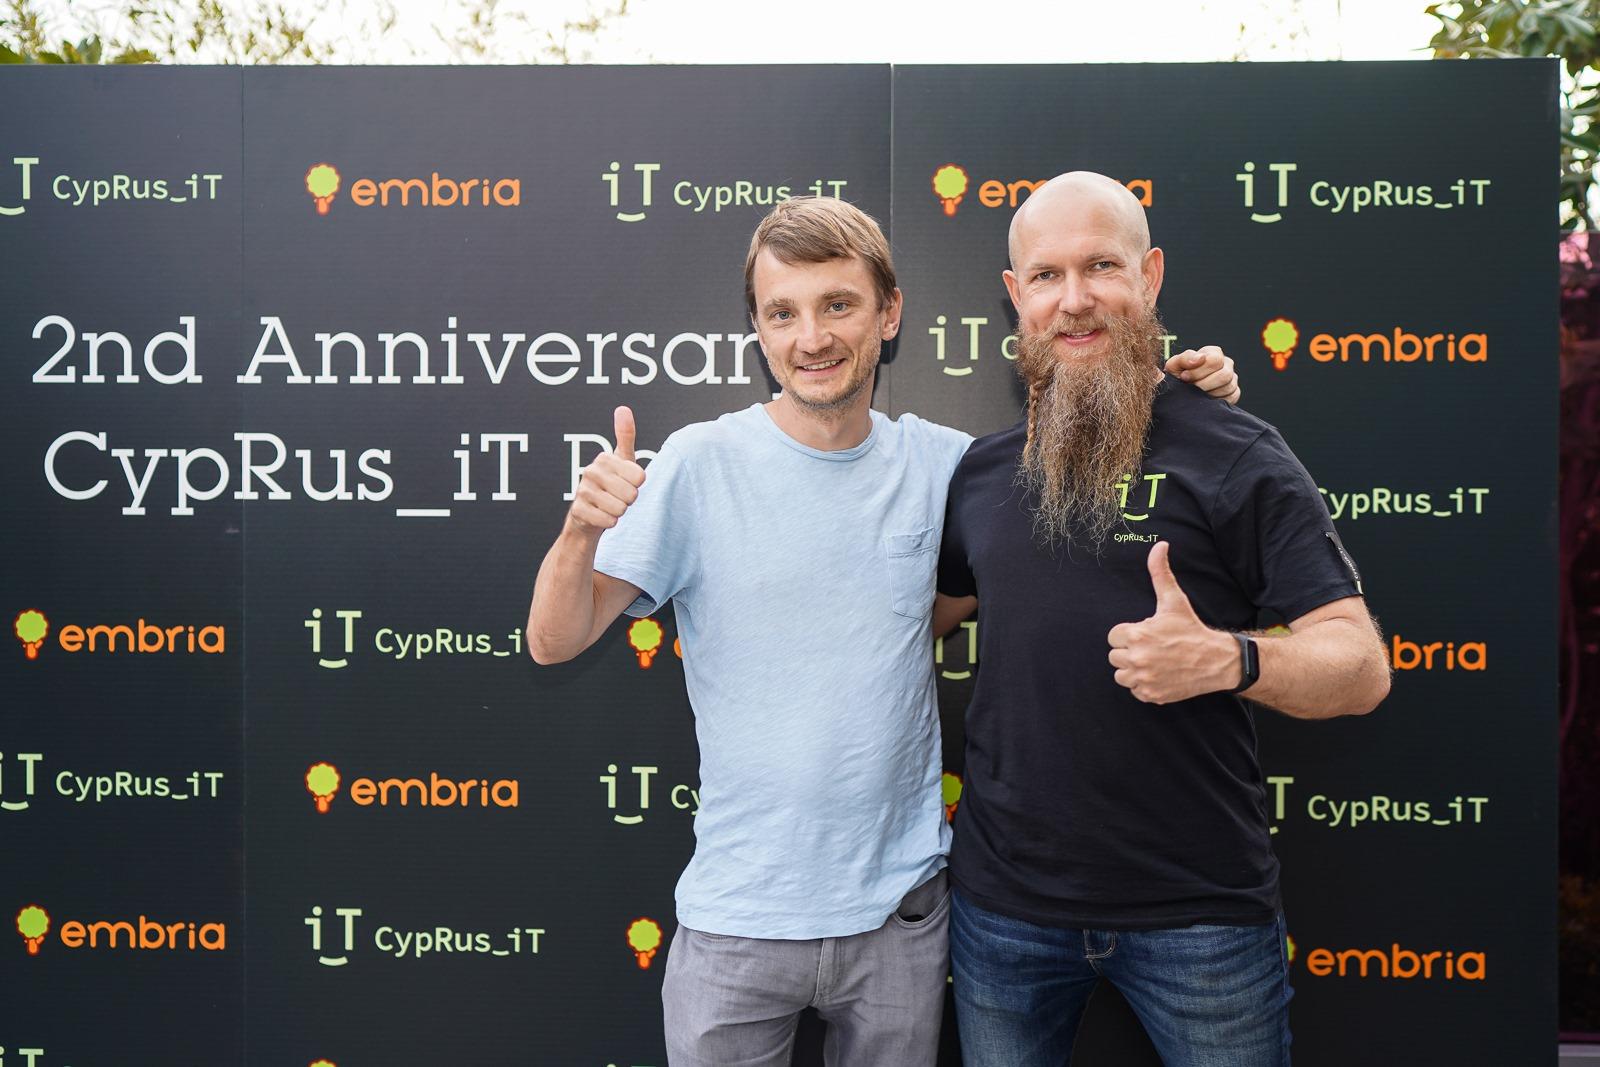 Игорь Монахов с Олегом Решетниковым, в прошлом CMO Connect Club. Фото со страницы Игоря в Facebook